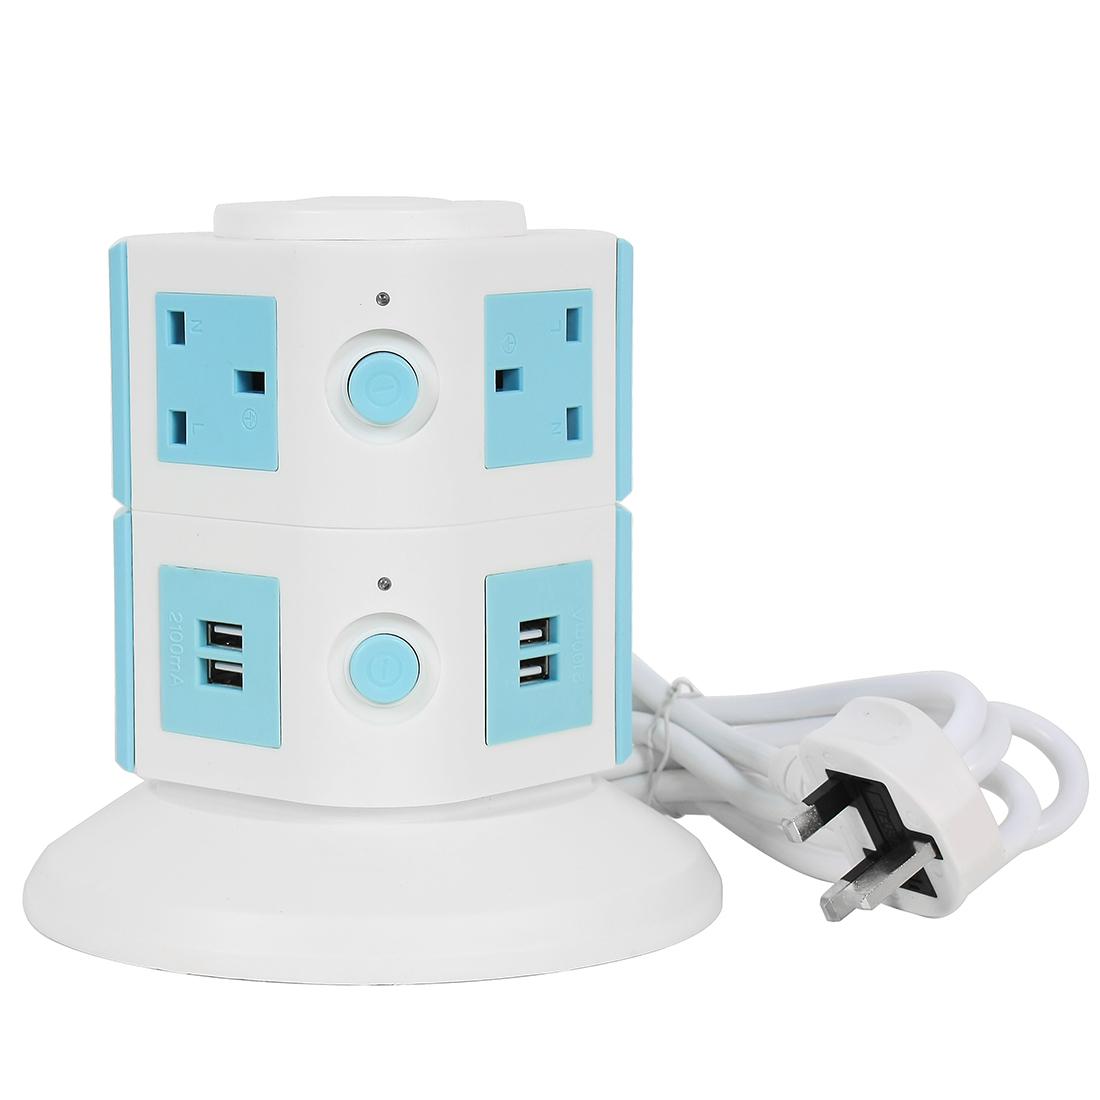 AC250V UK Plug Vertical Smart Socket 6 UK Outlet 4 USB Ports 6 Ft Cable White Blue